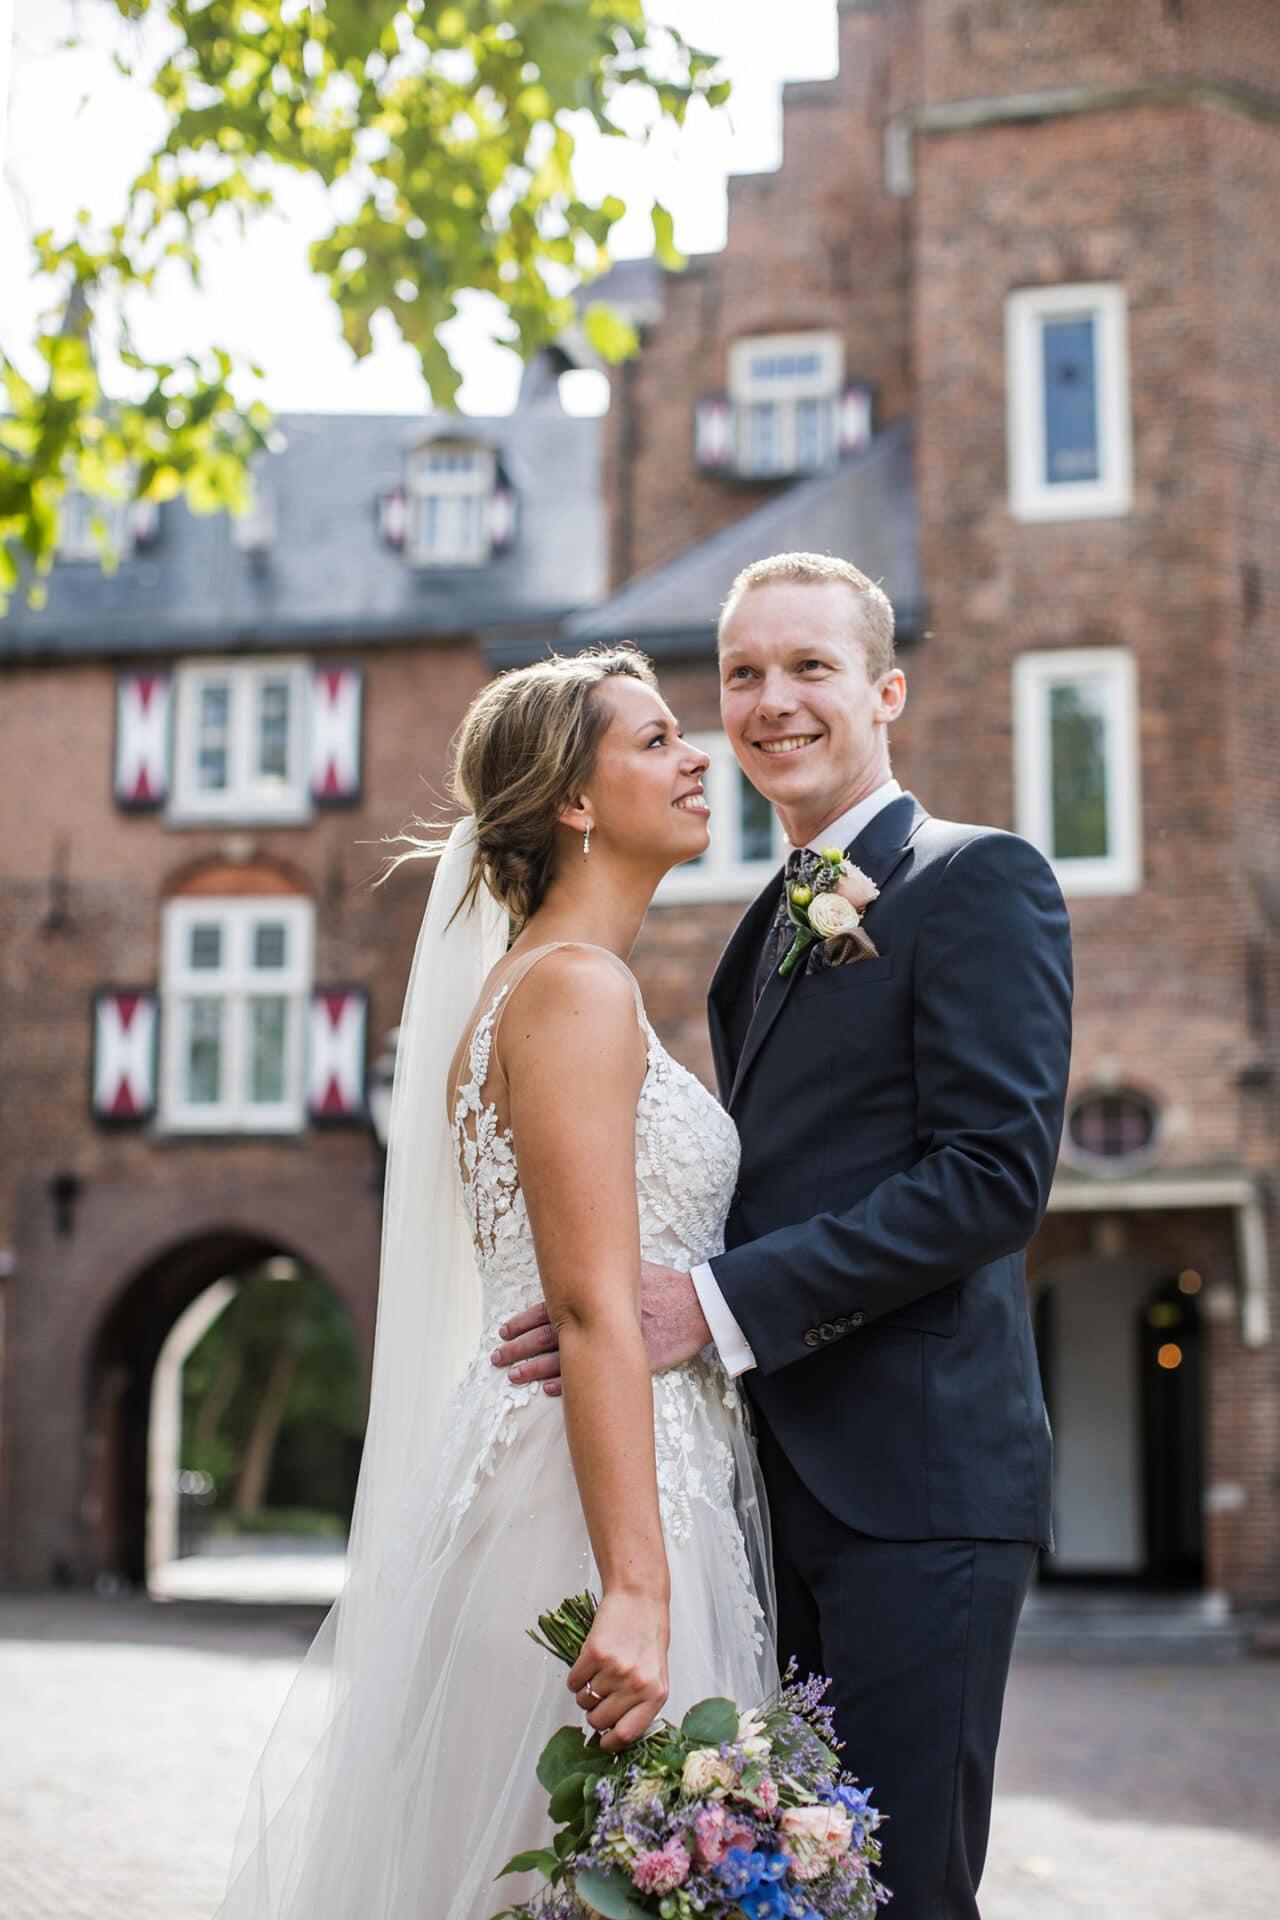 Bruidsreportage bij Kasteel Maurick in Vught